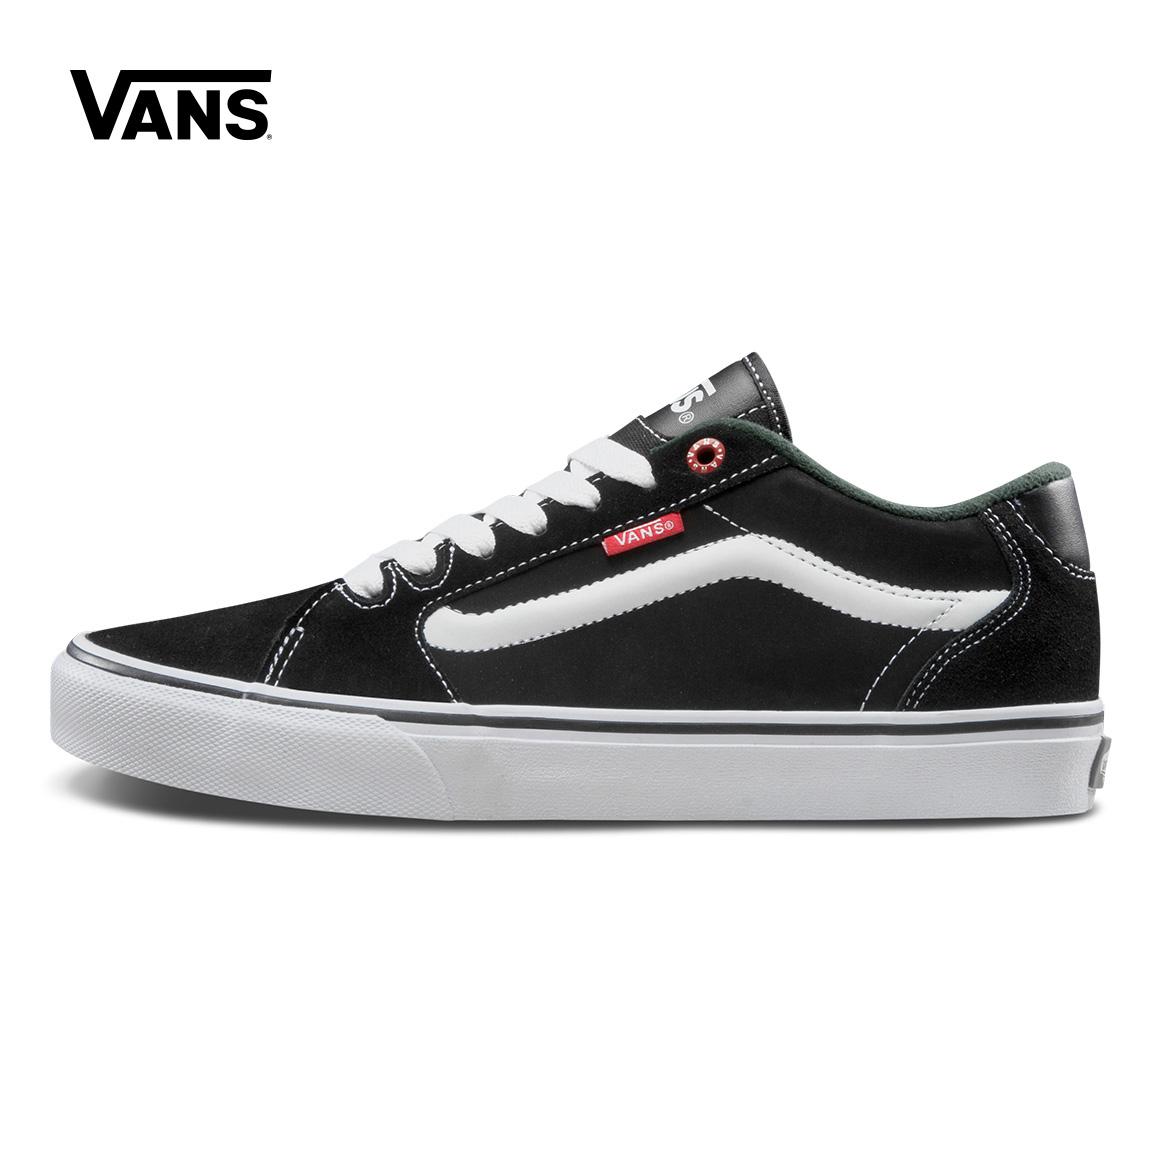 Vans/ модель адамс нейтральный цвет модель движение обувной обувь обувь casual  VN-0SJV63M